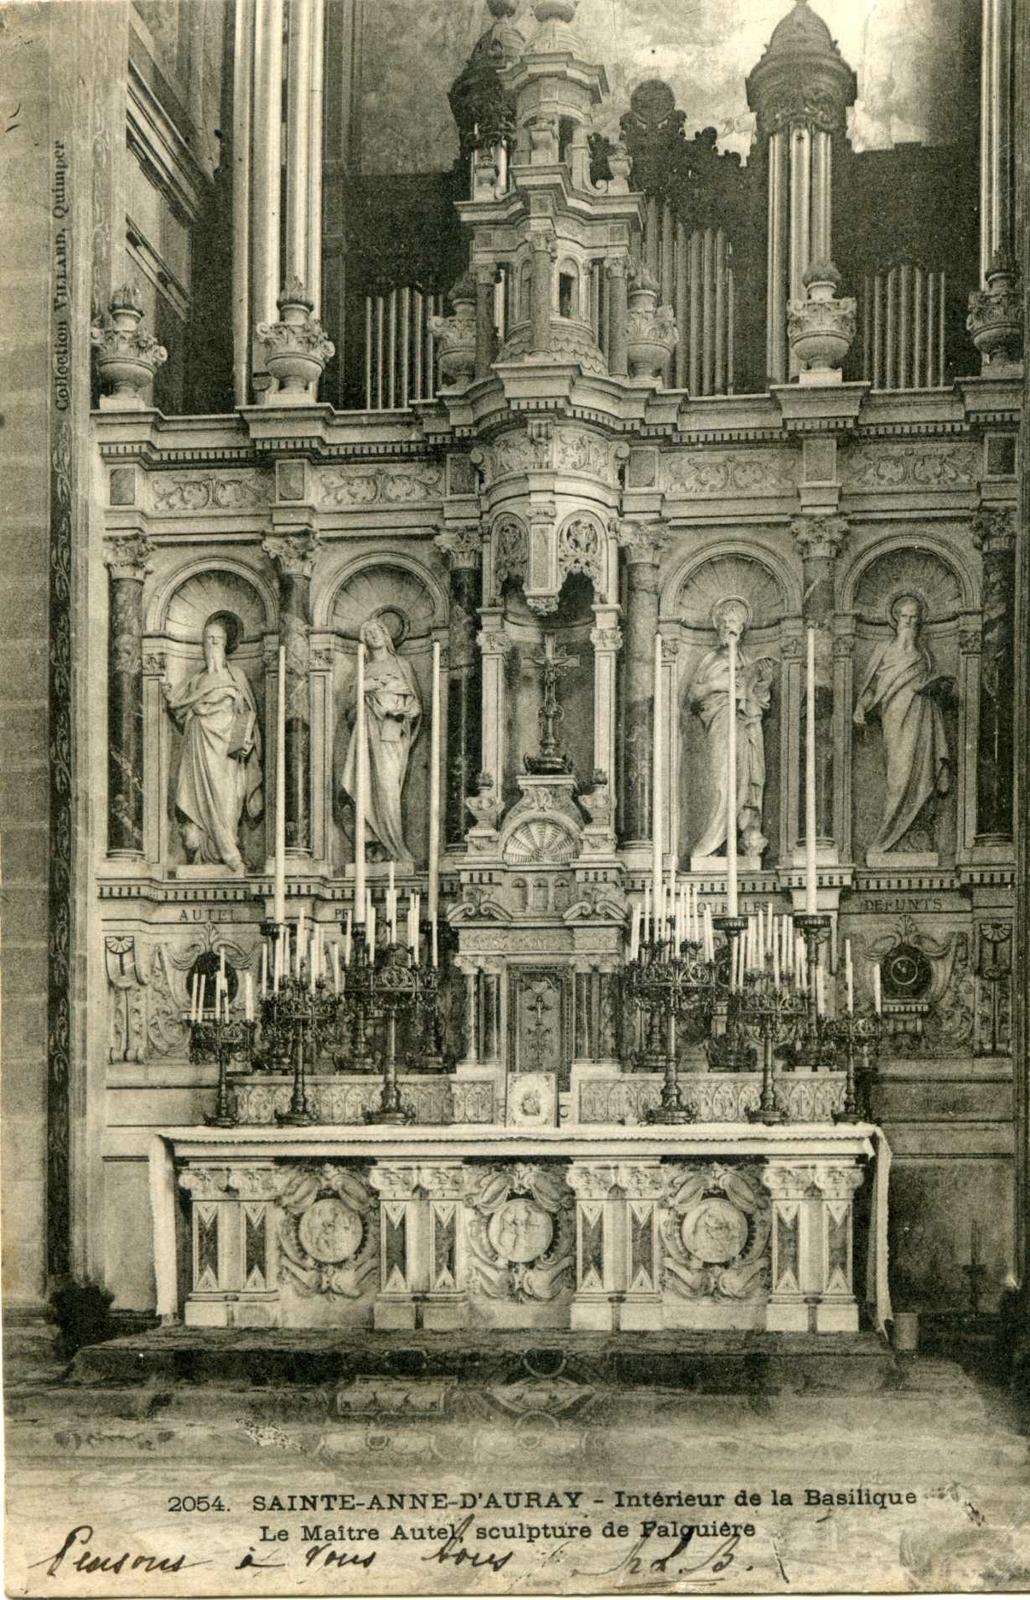 Architecte D Intérieur Auray sainte-anne-d'auray - intérieur de la basilique, le maître